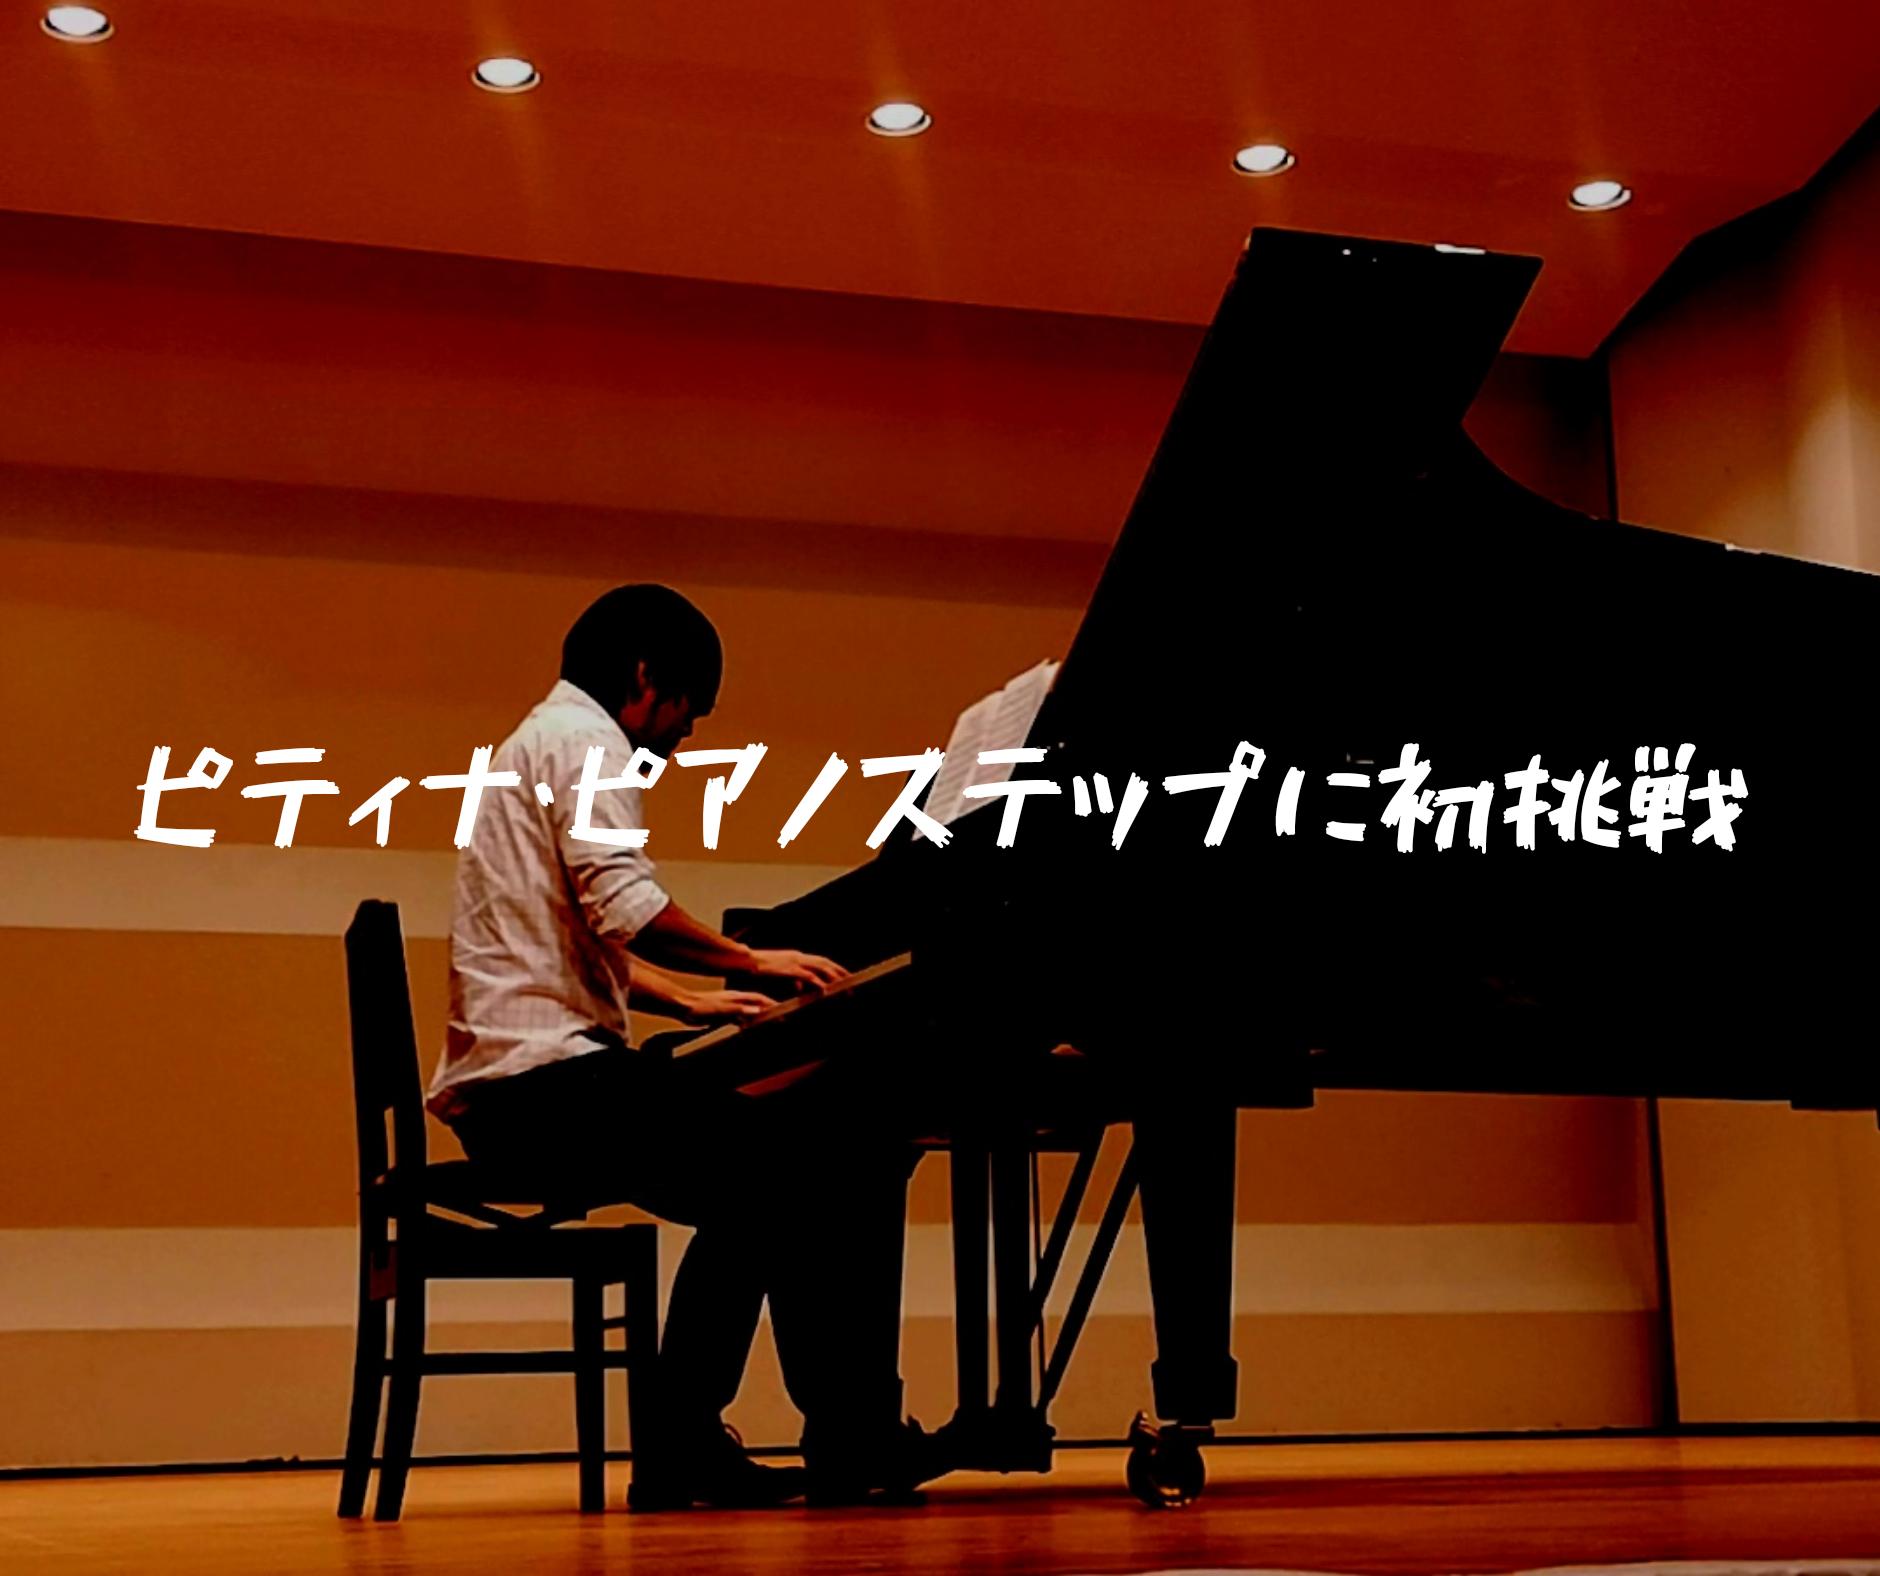 大人からピアノを始めた男がピティナ・ピアノステップに初参加した体験談を語ってみる